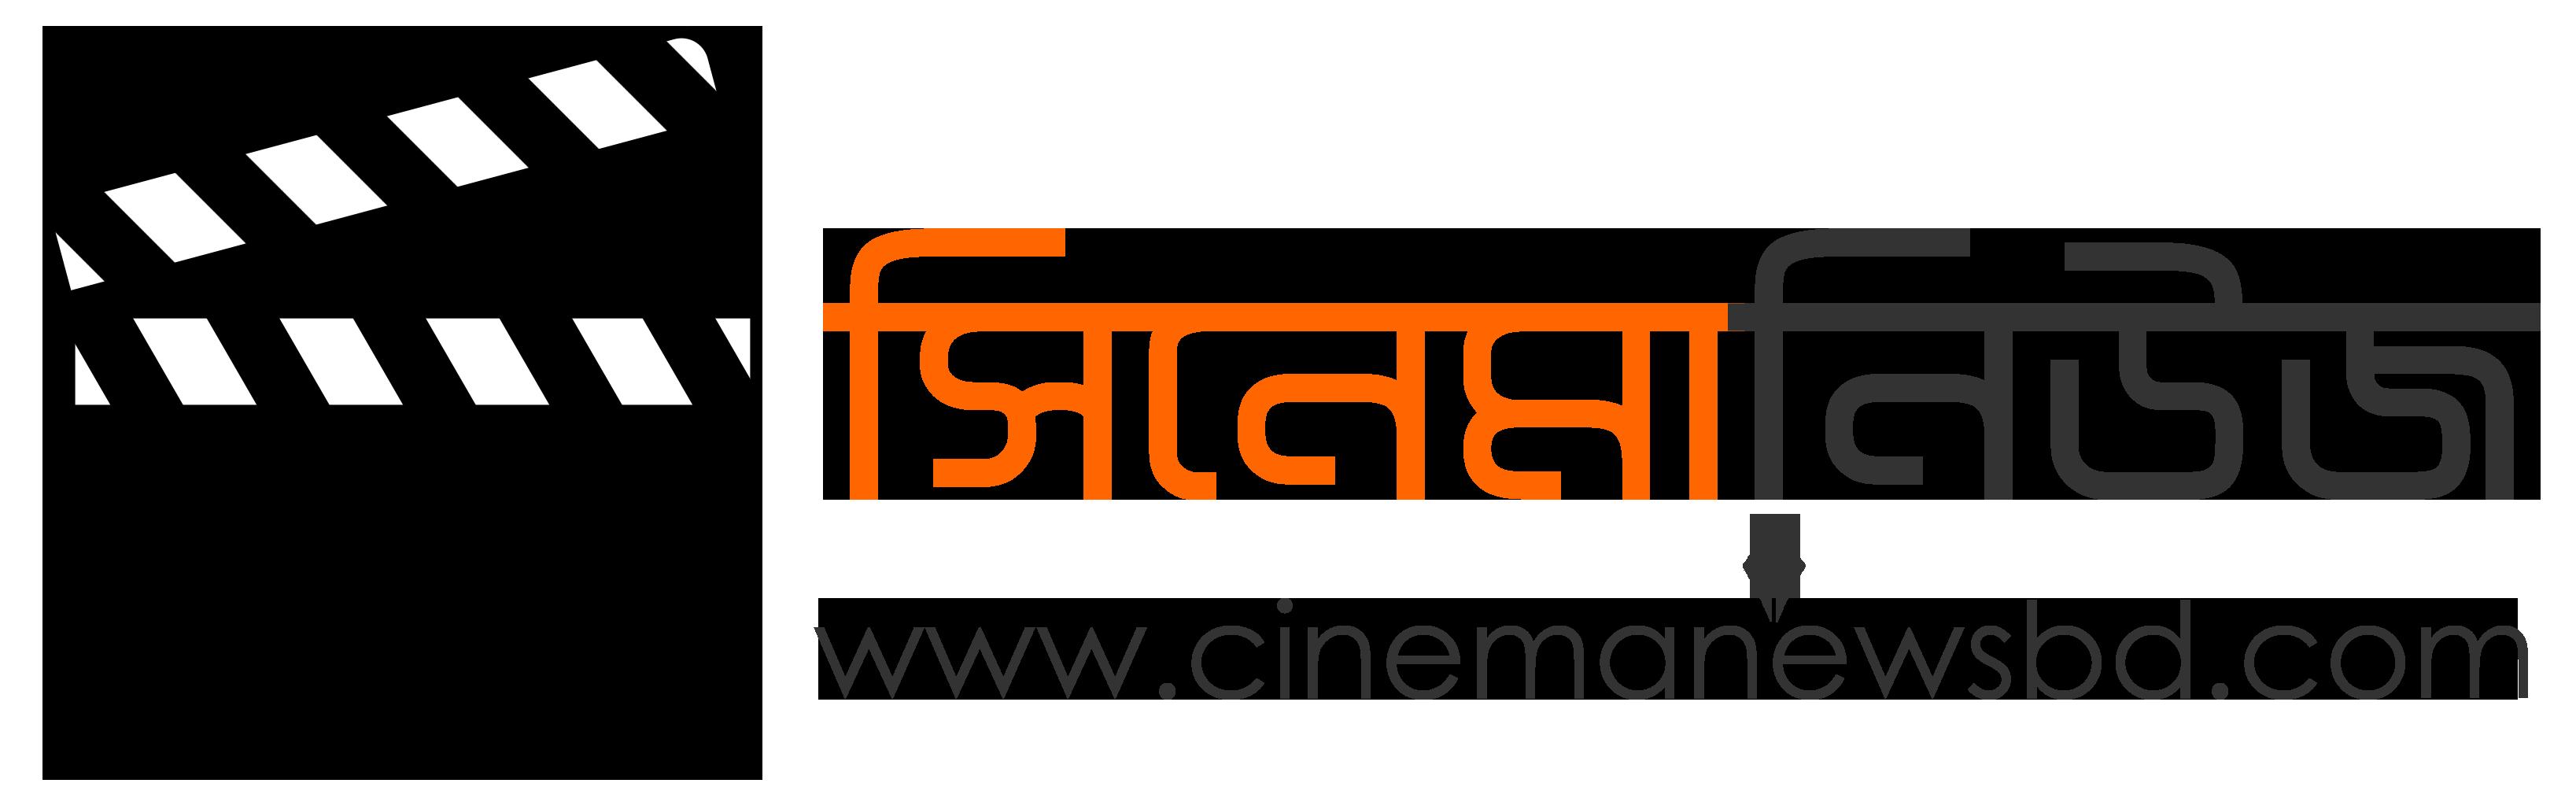 Cinema News Bangladesh